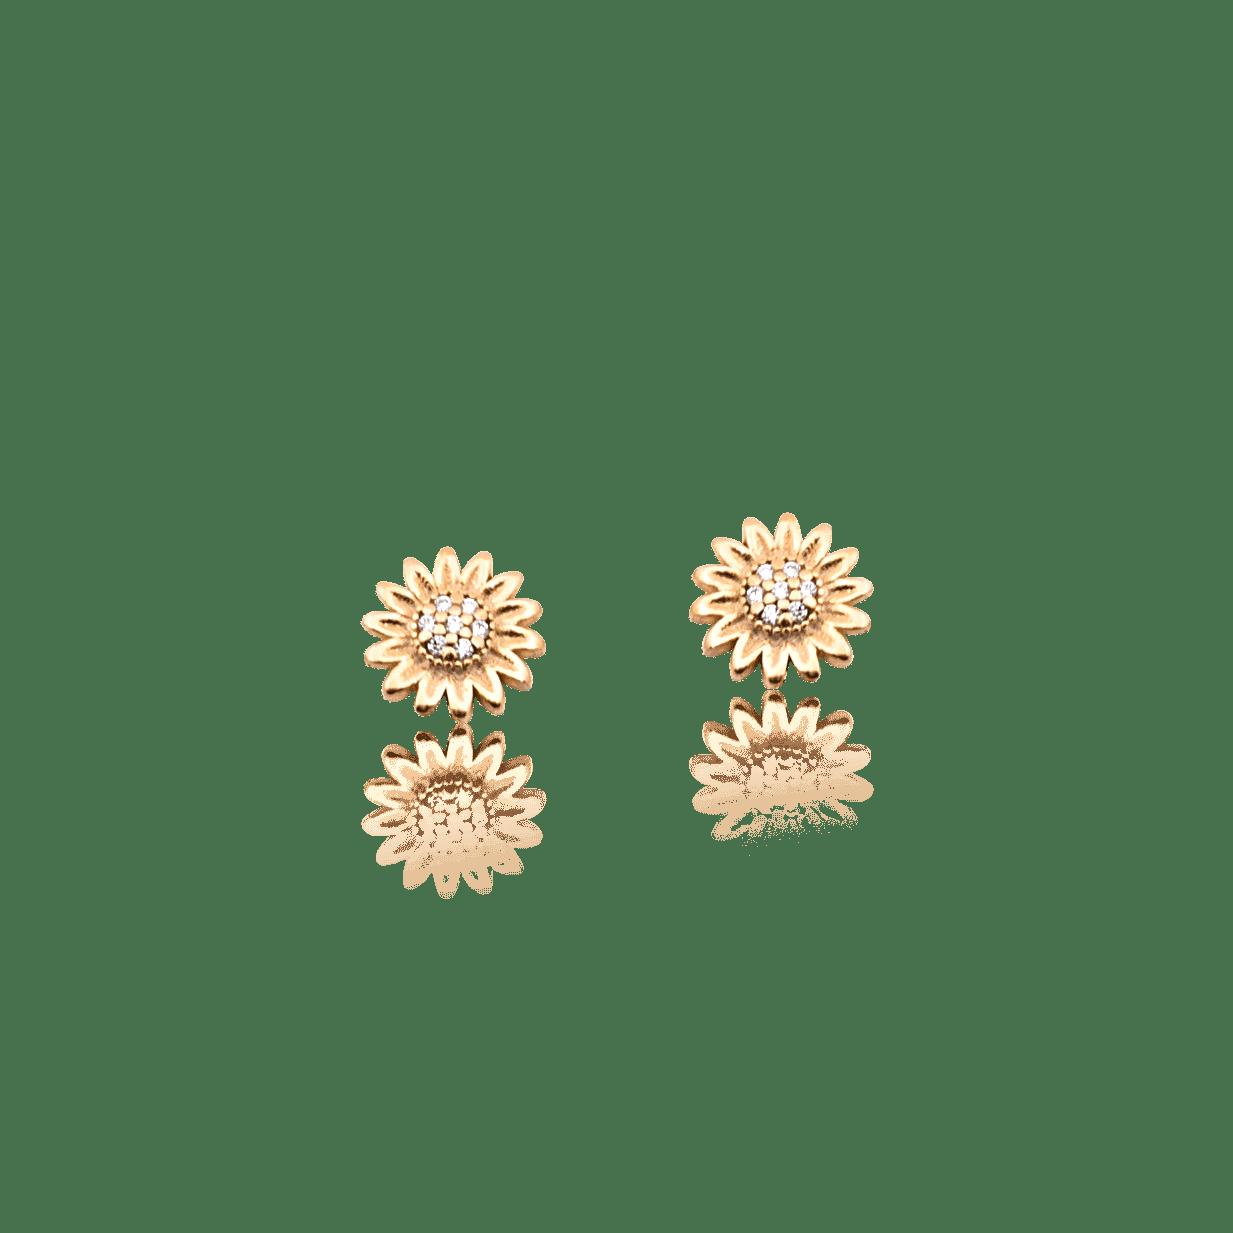 Brinco Folheado Girassol Cravejado Zircônia - Natureza